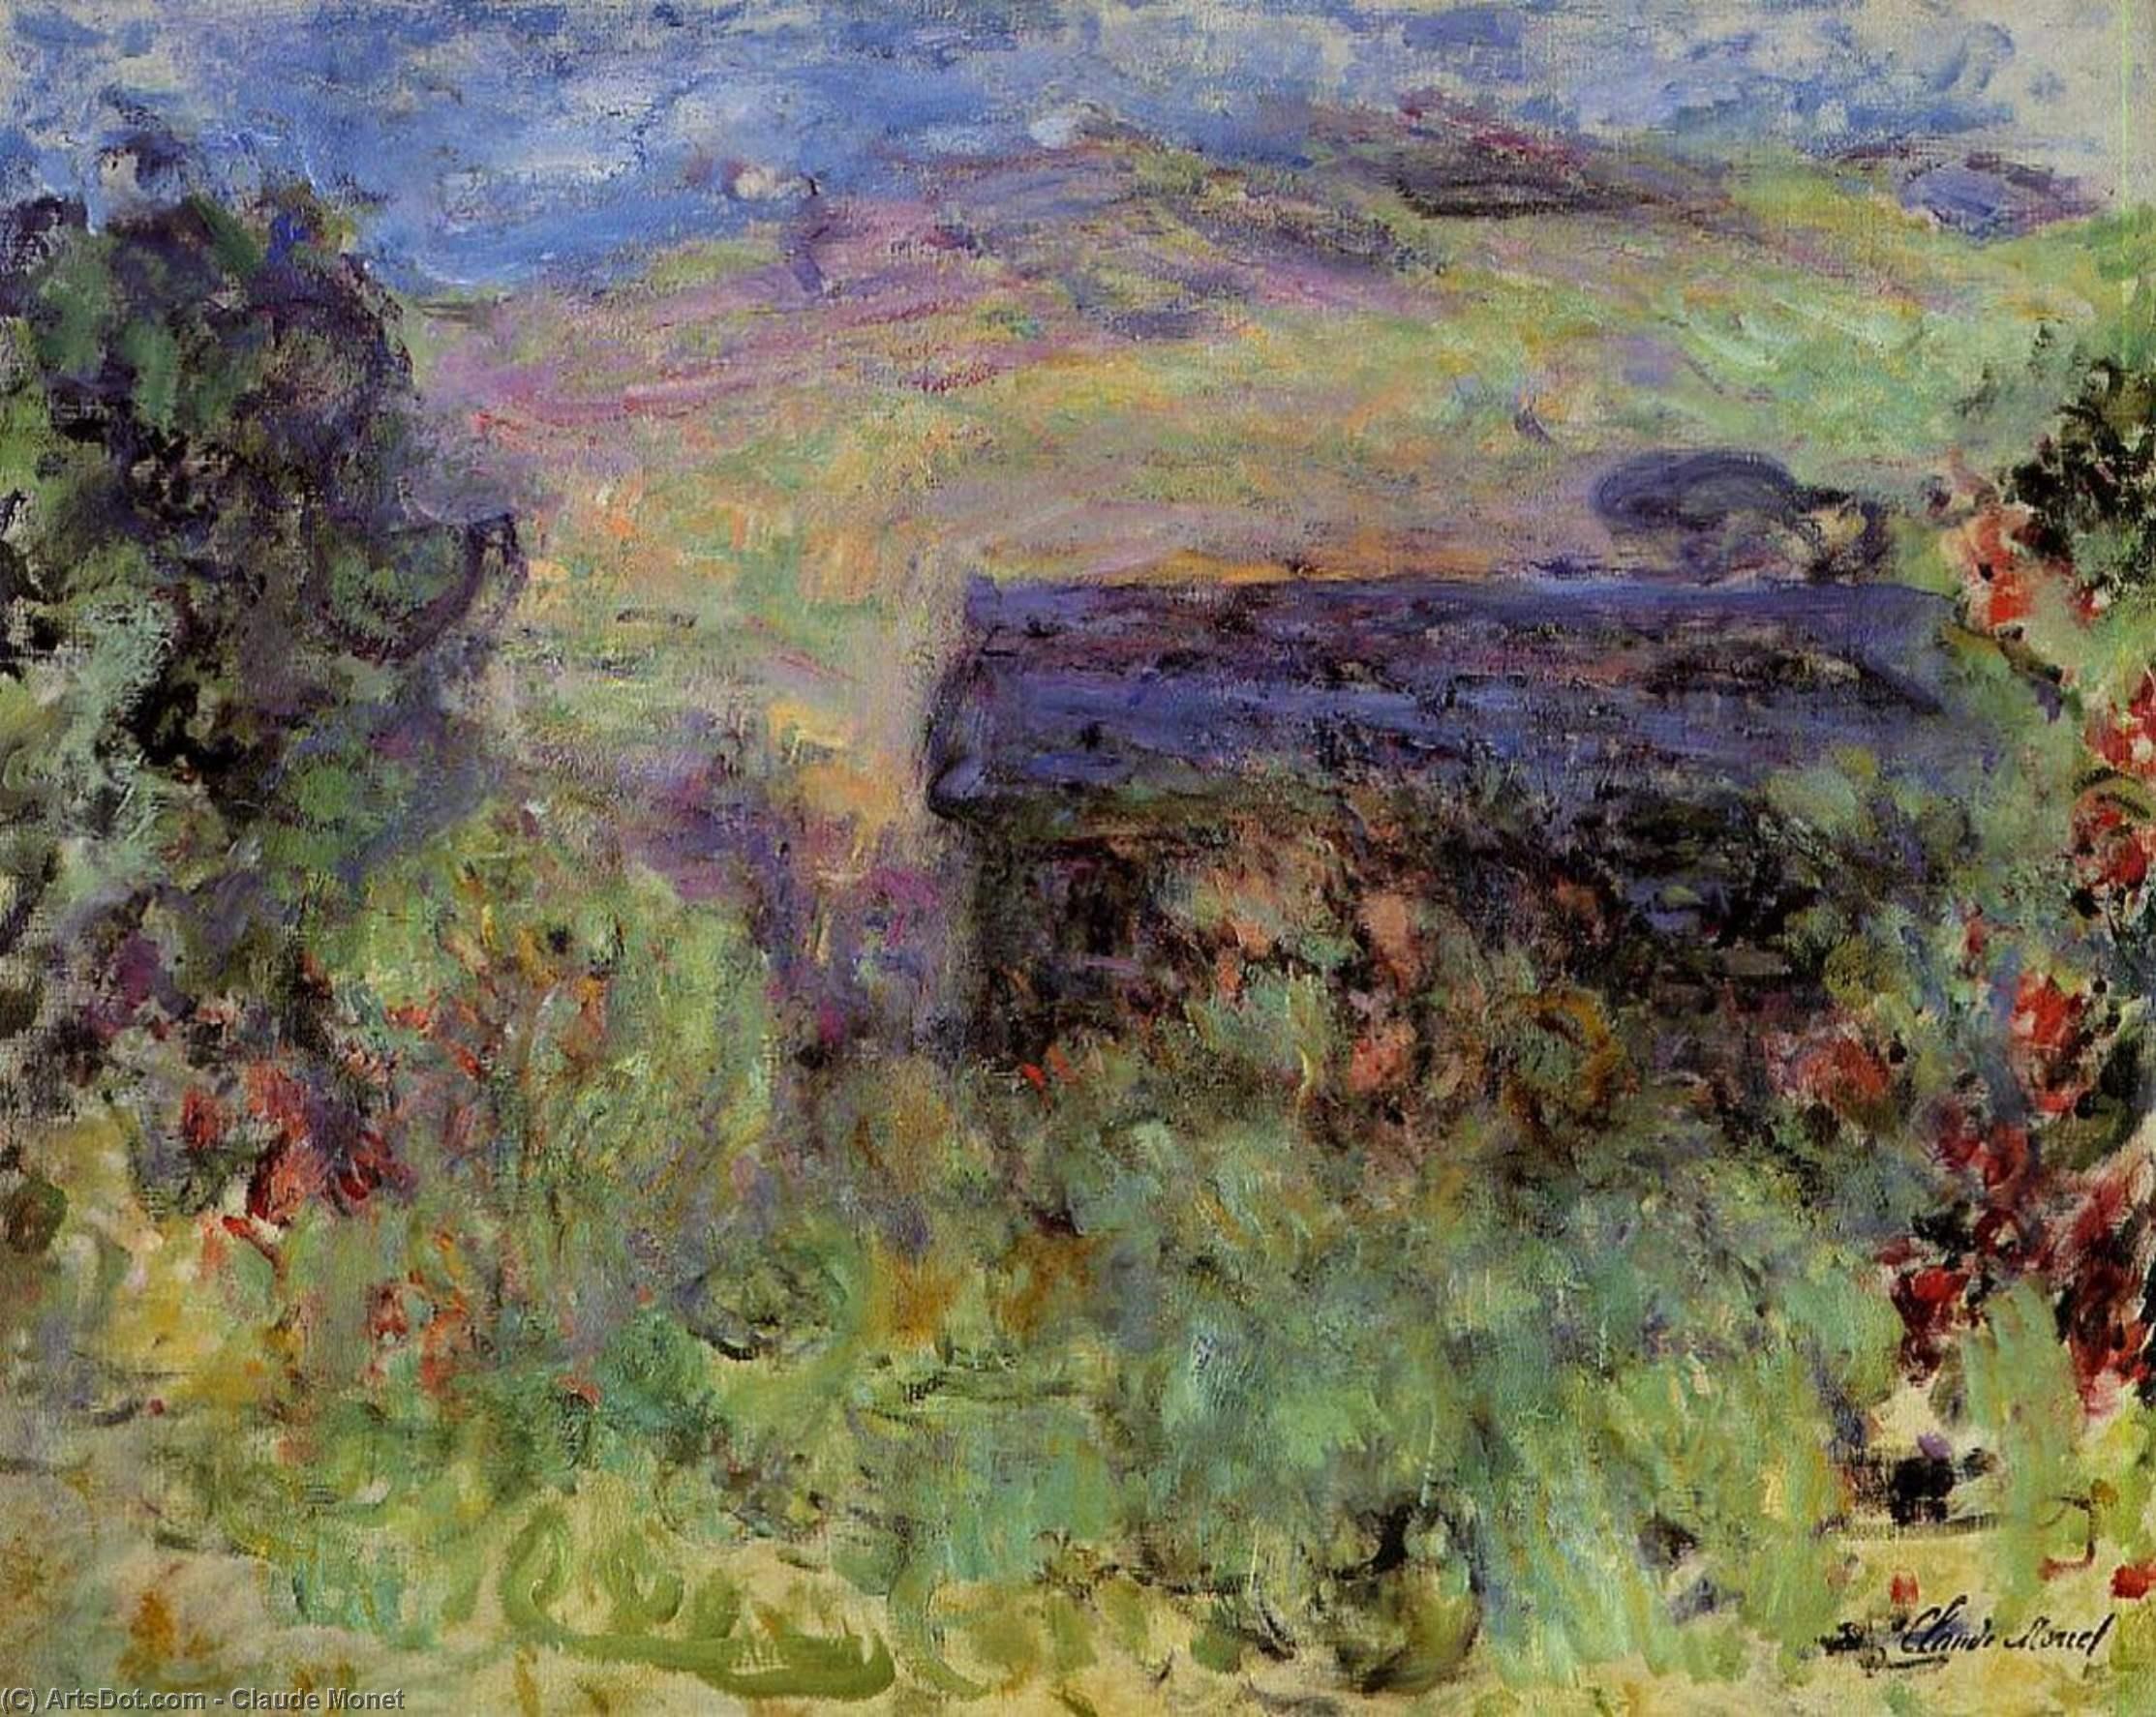 пейзаж Вид на дома через розы :: Клод Моне, описание картины - Claude Monet фото